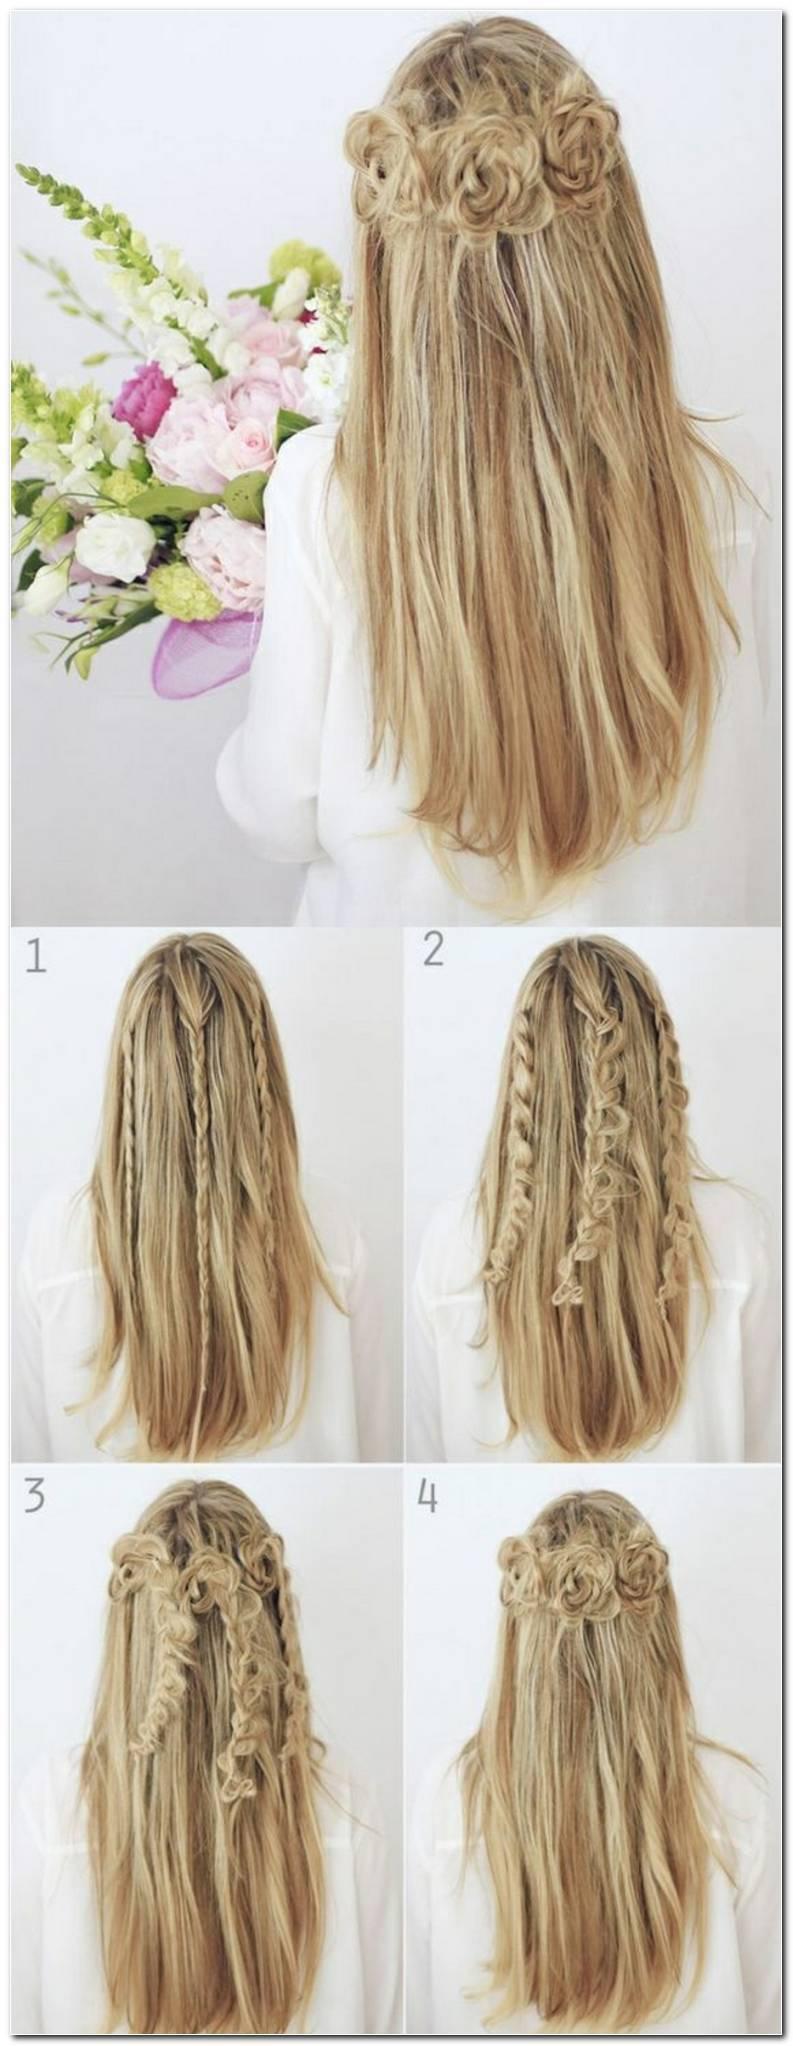 Coole Frisuren Lange Haare Selber Machen